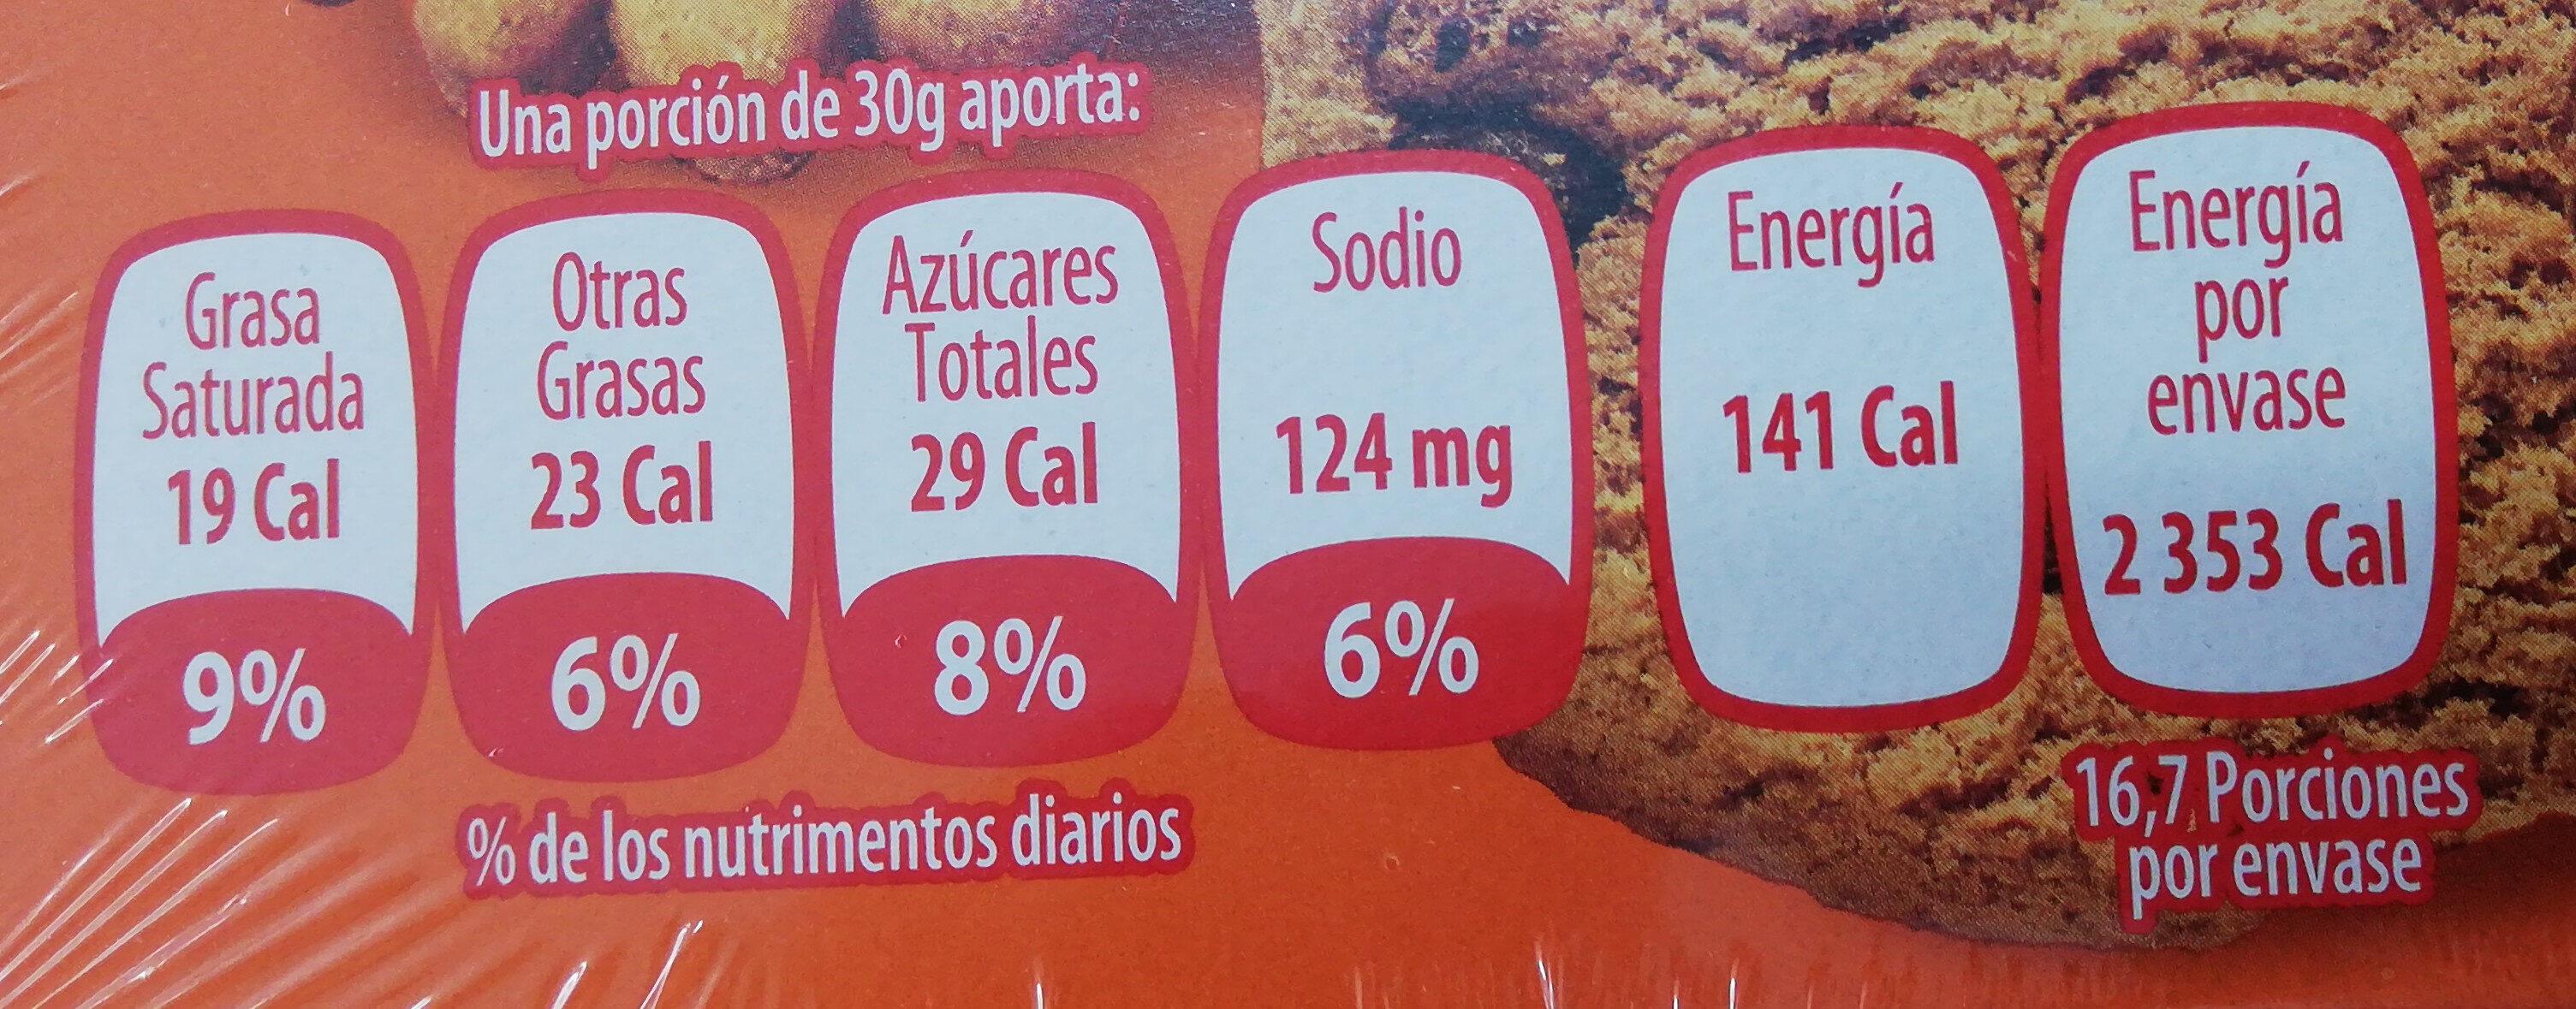 Galletas Surtido Diario - Voedingswaarden - es